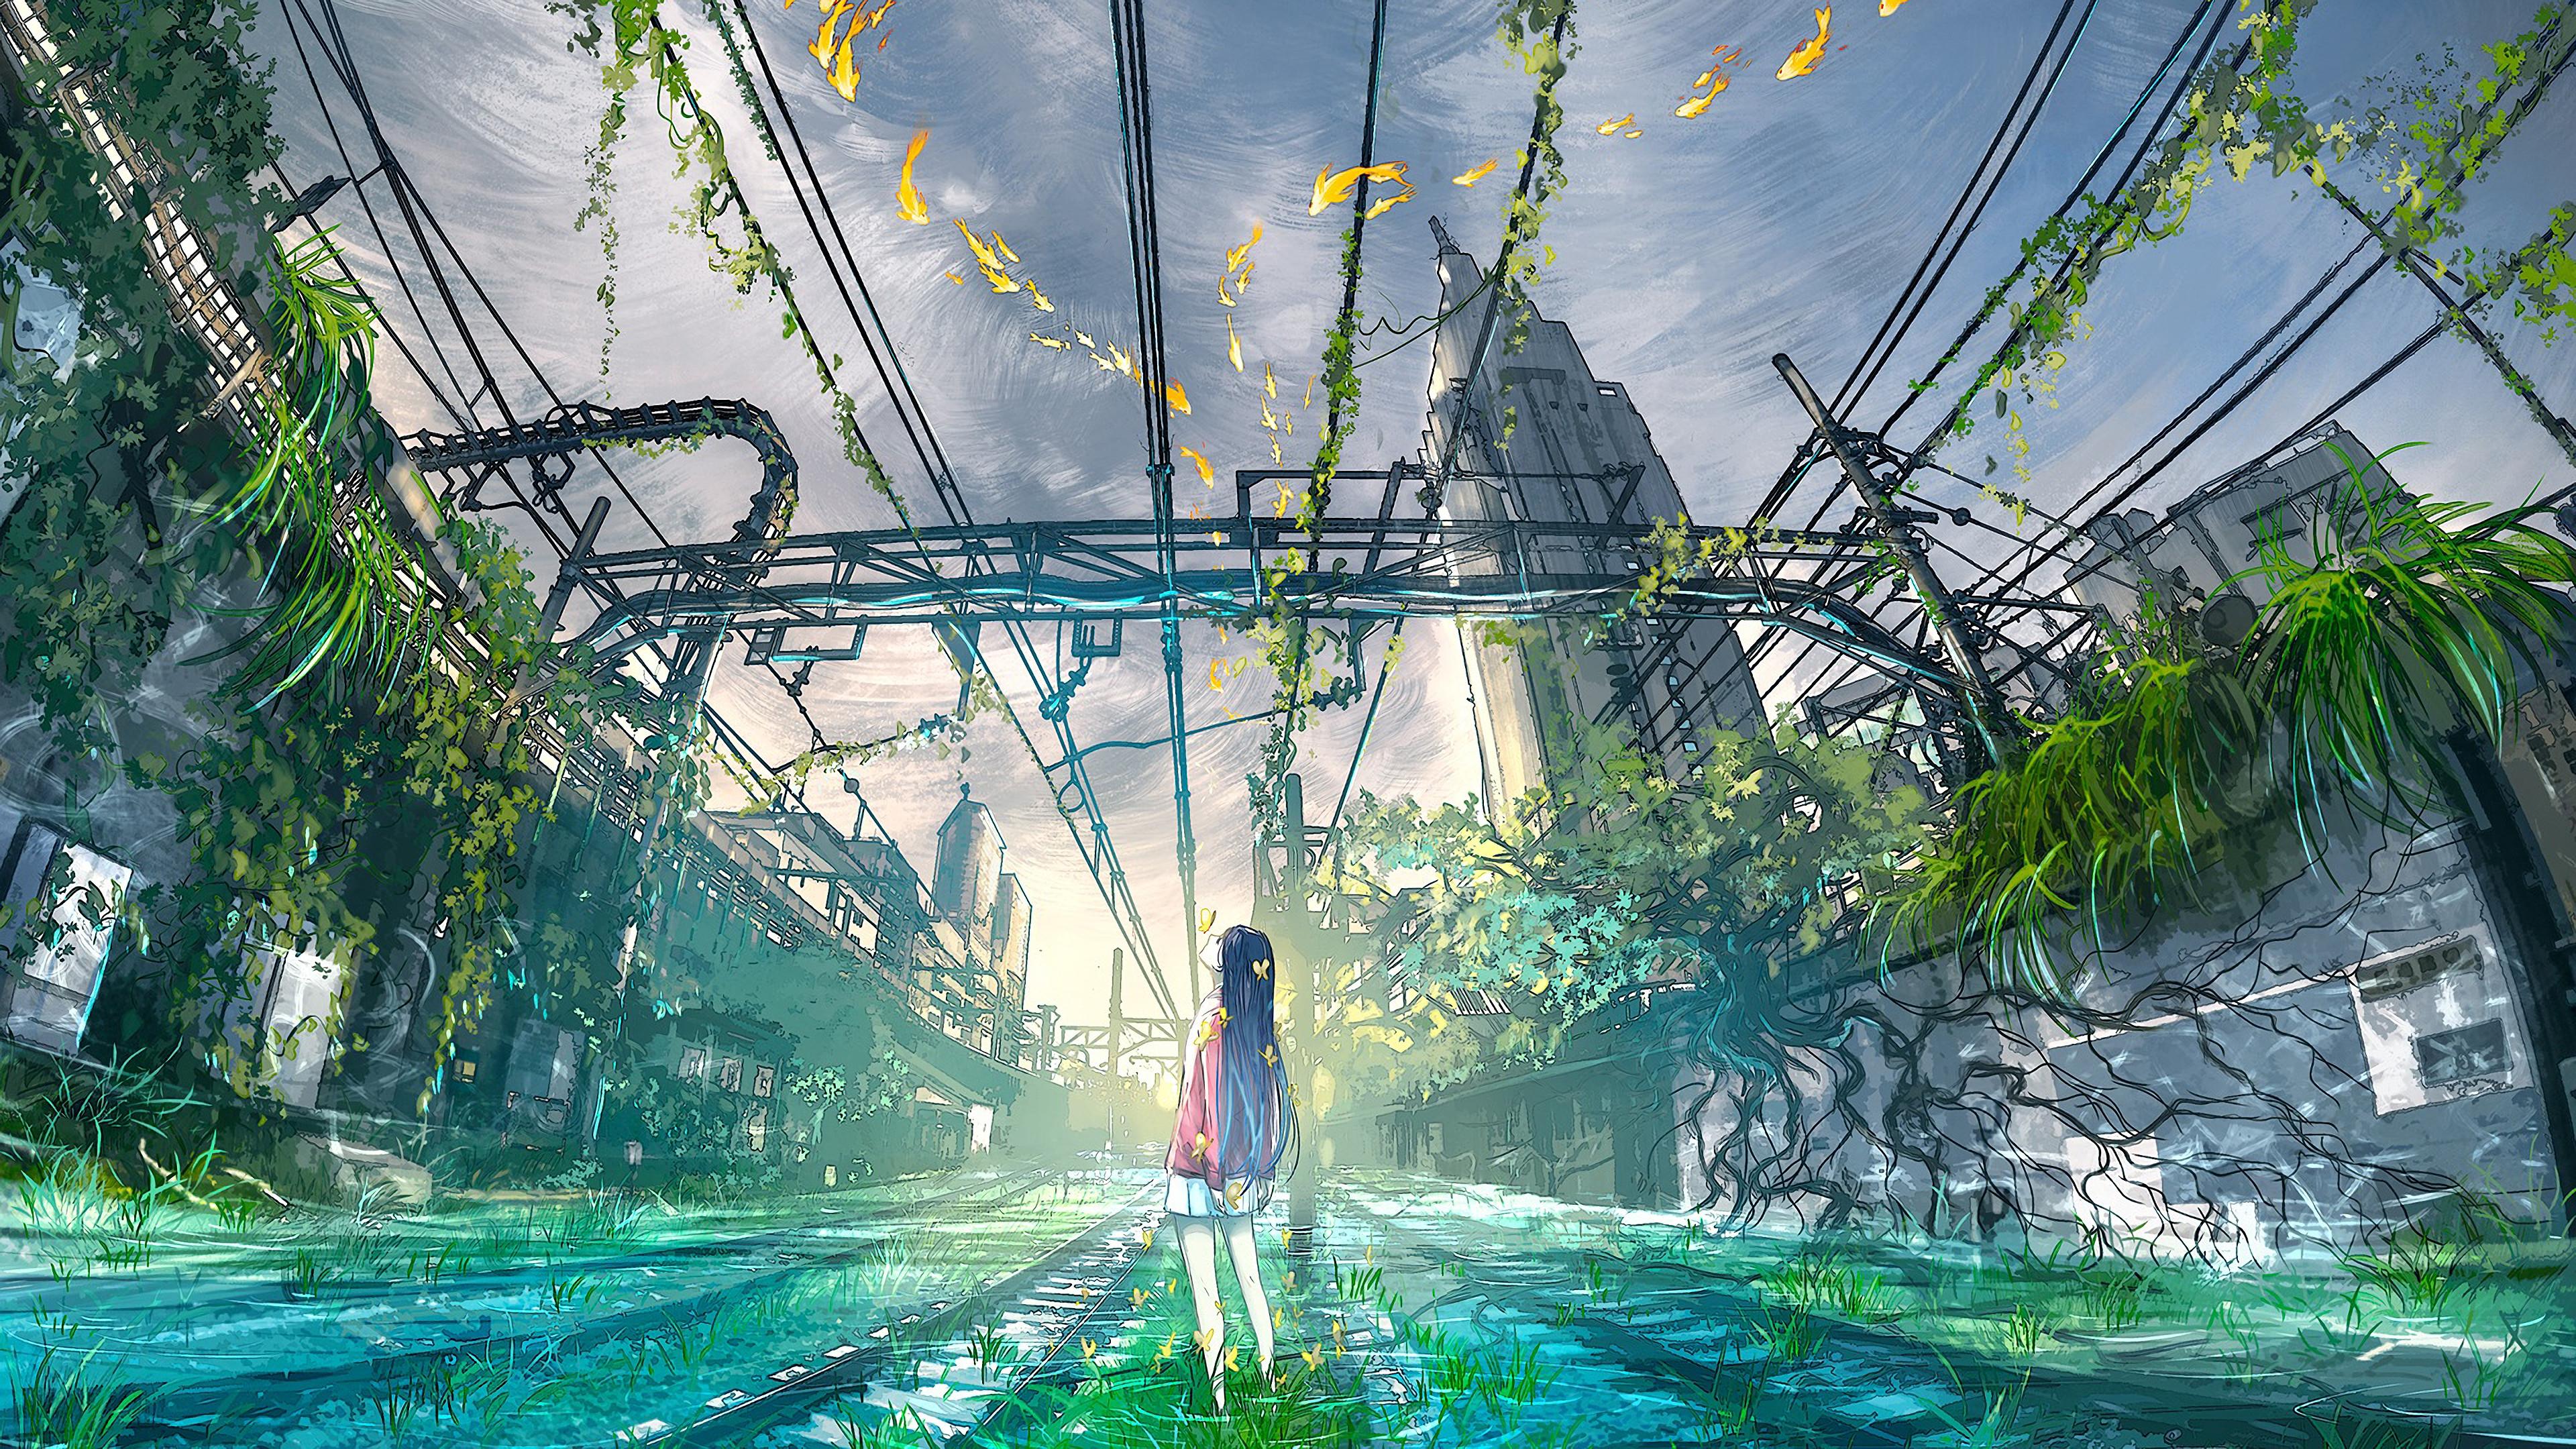 Anime, Girl, Scenery, 4K, #180 Wallpaper